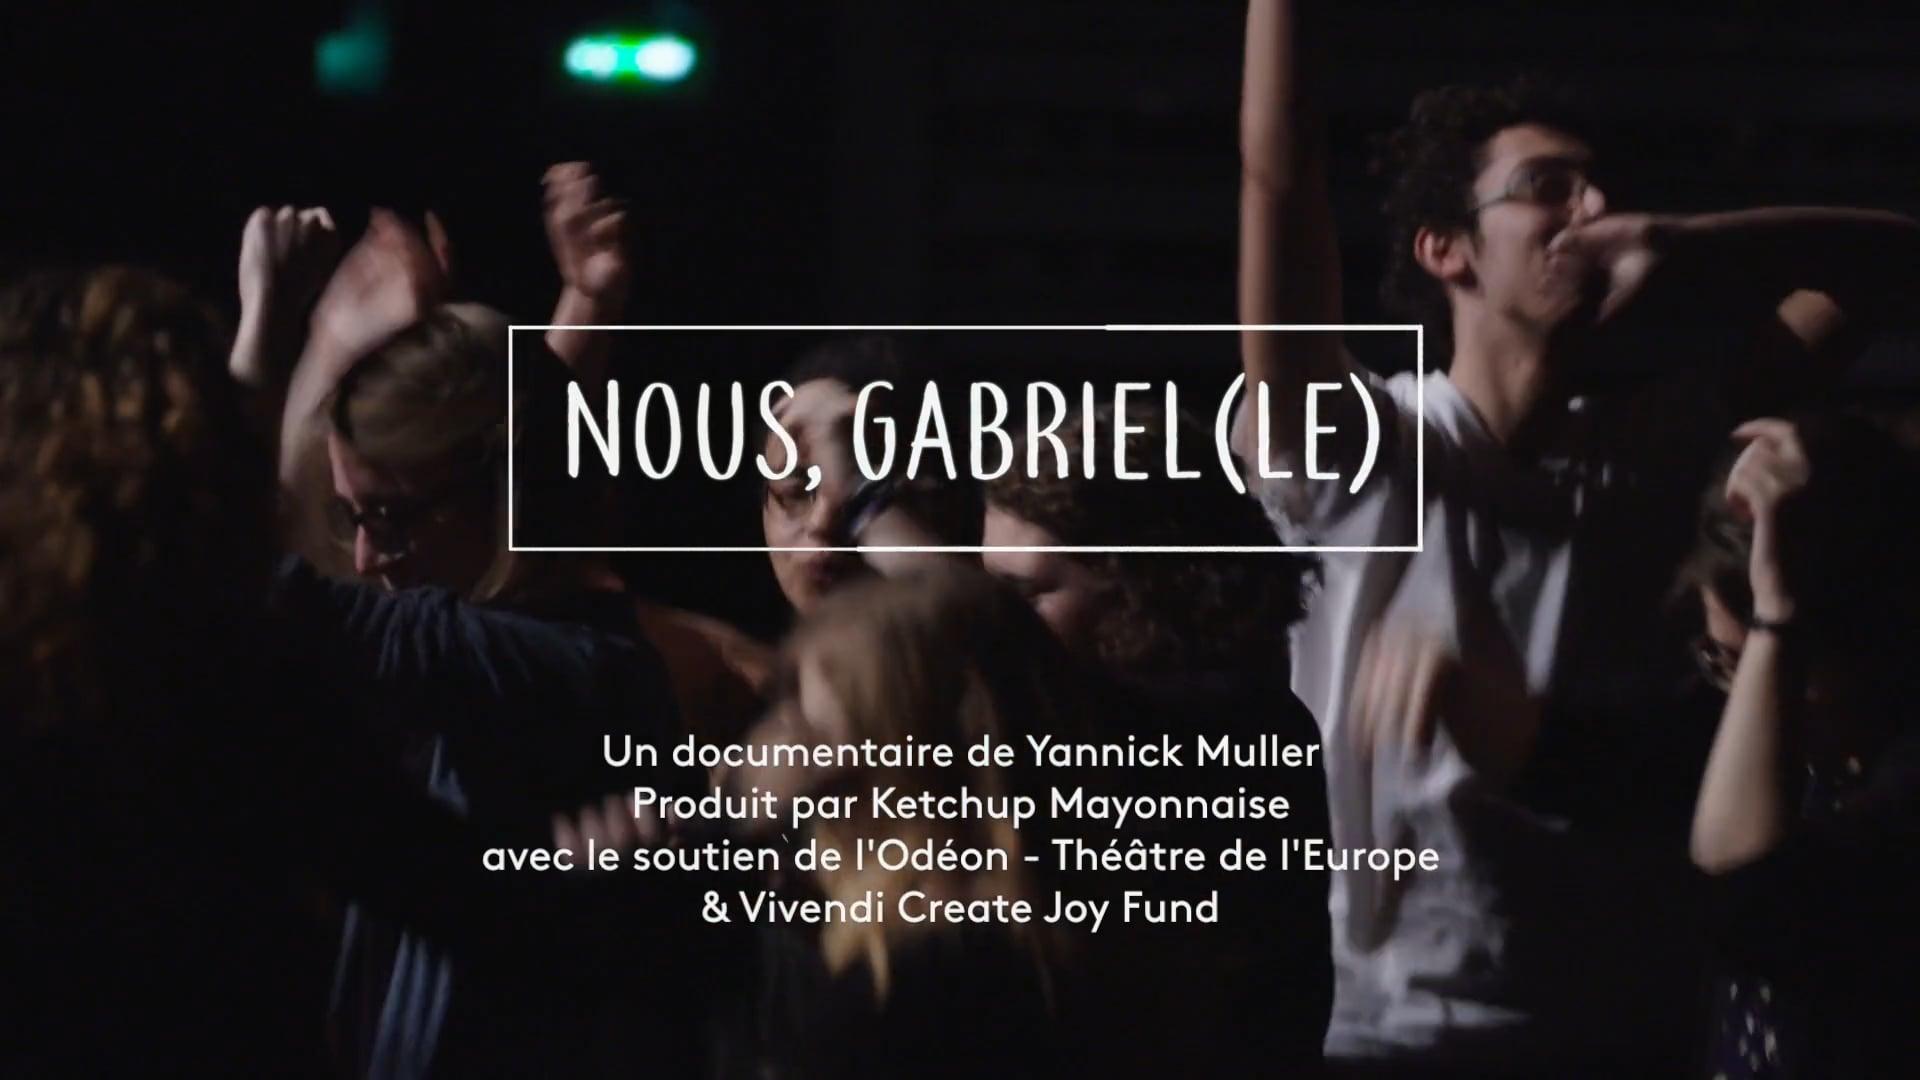 NOUS GABRIEL(LE) - TEASER